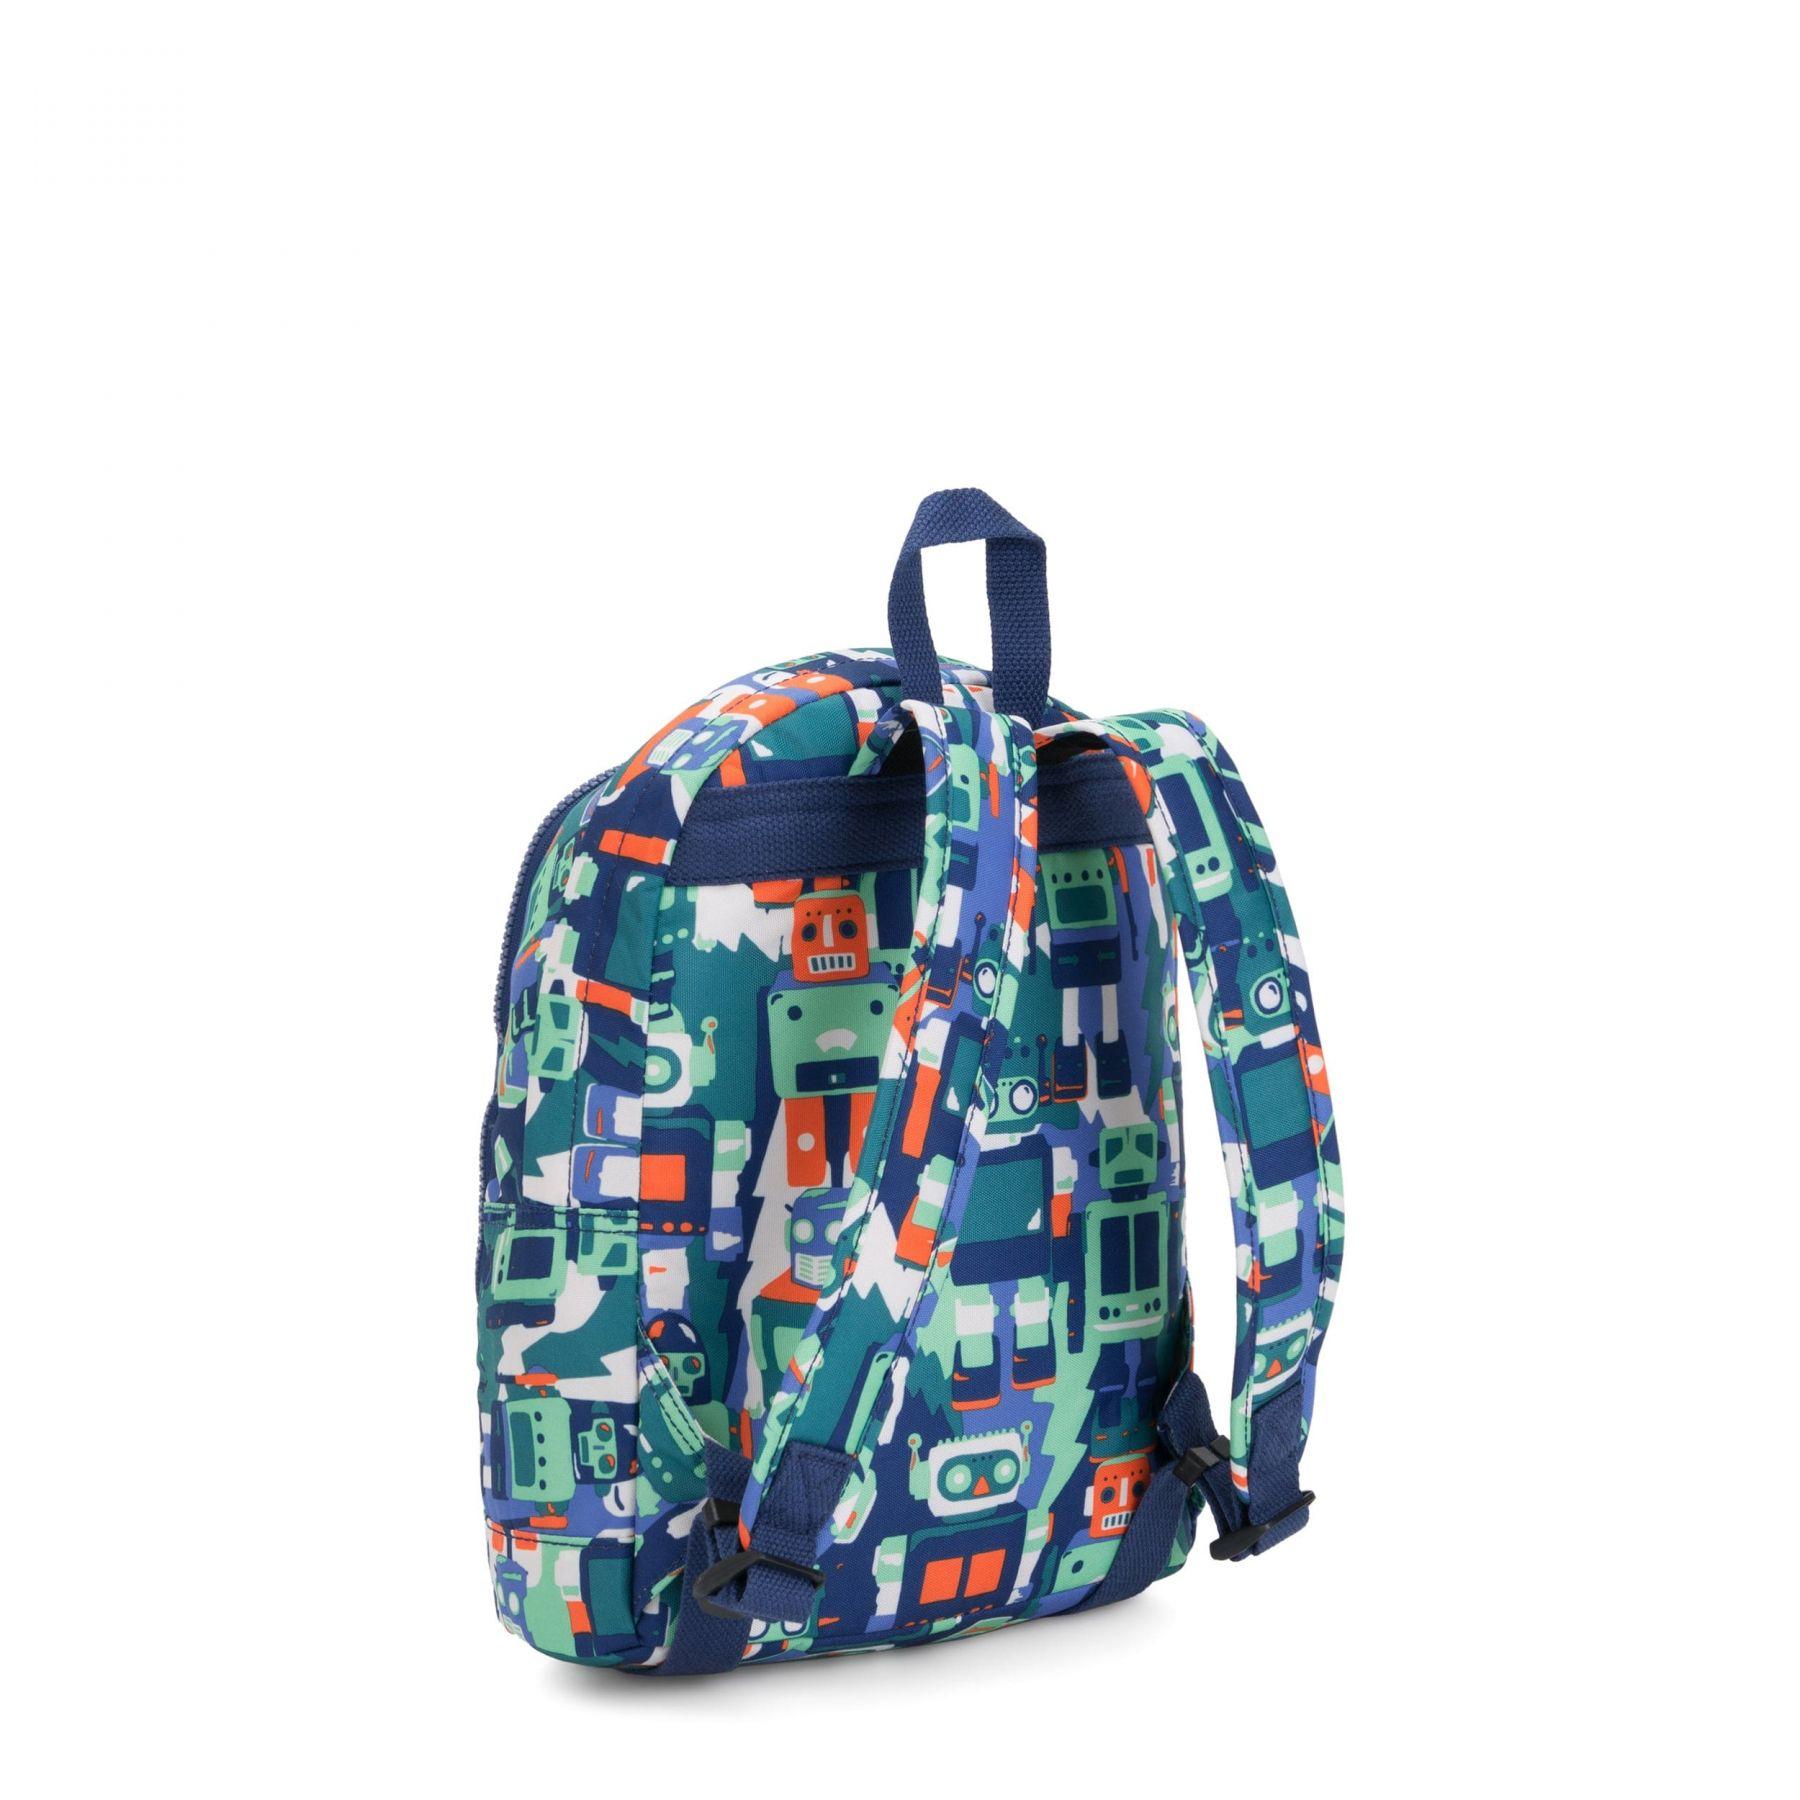 CARLOW SCHOOL BAGS by Kipling